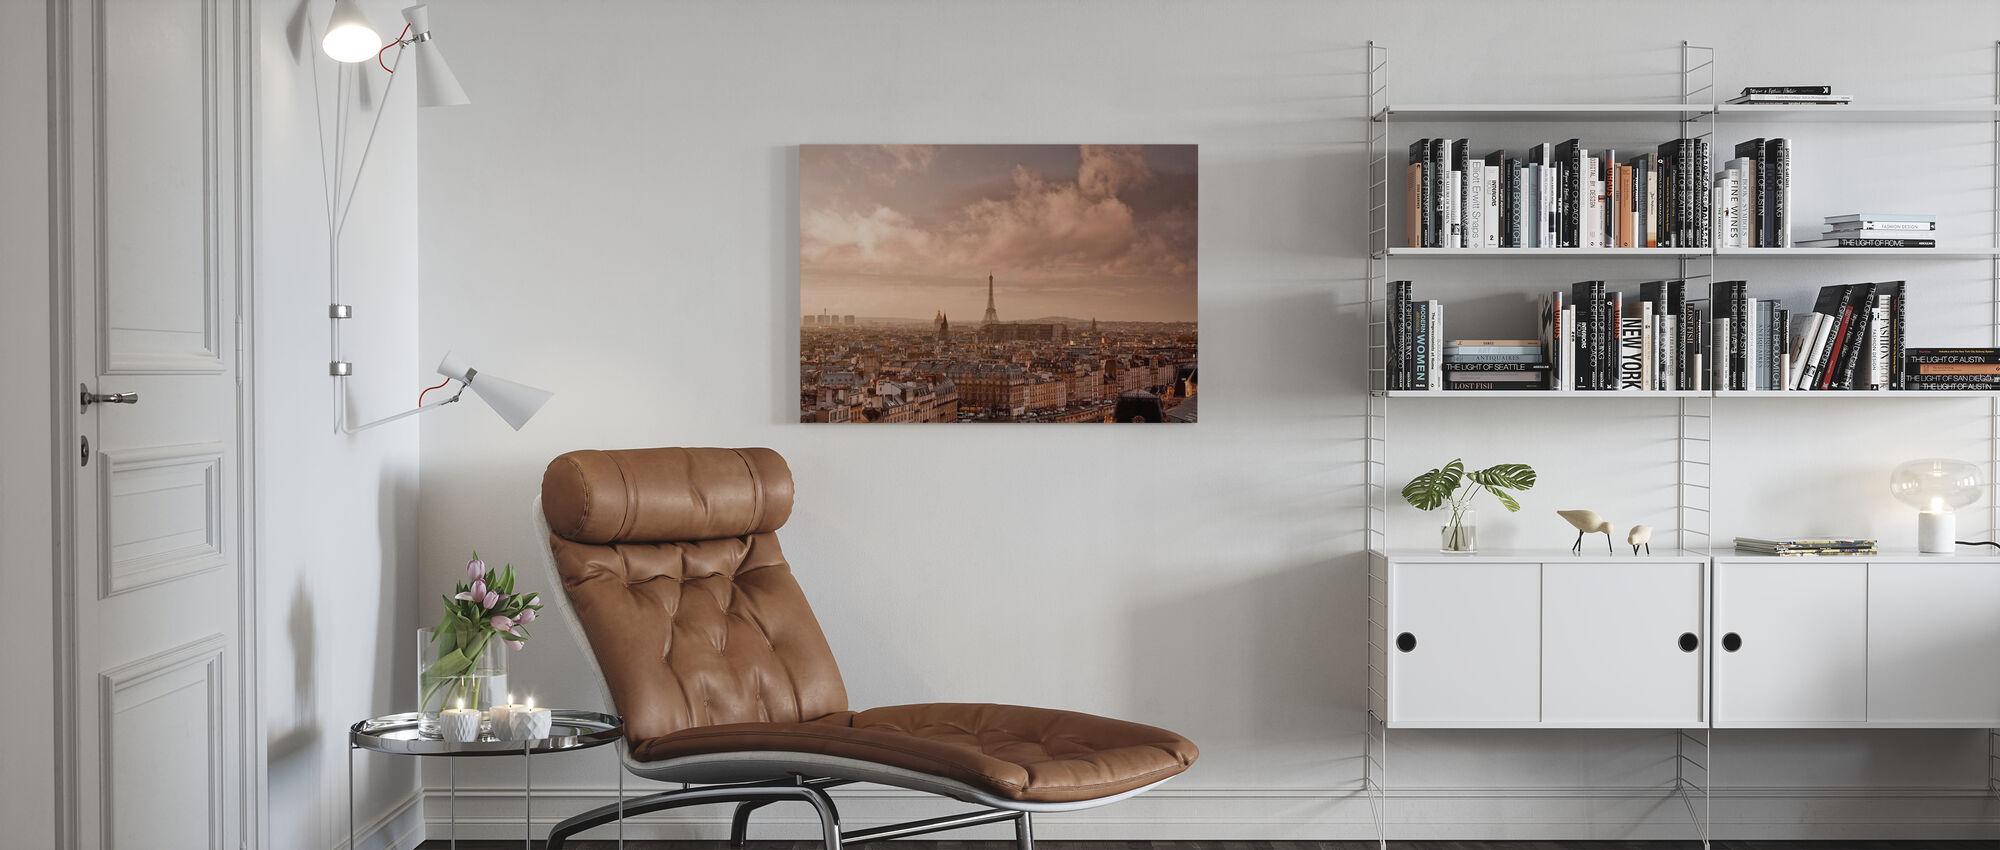 Myke skyer feiing av Paris - Lerretsbilde - Stue